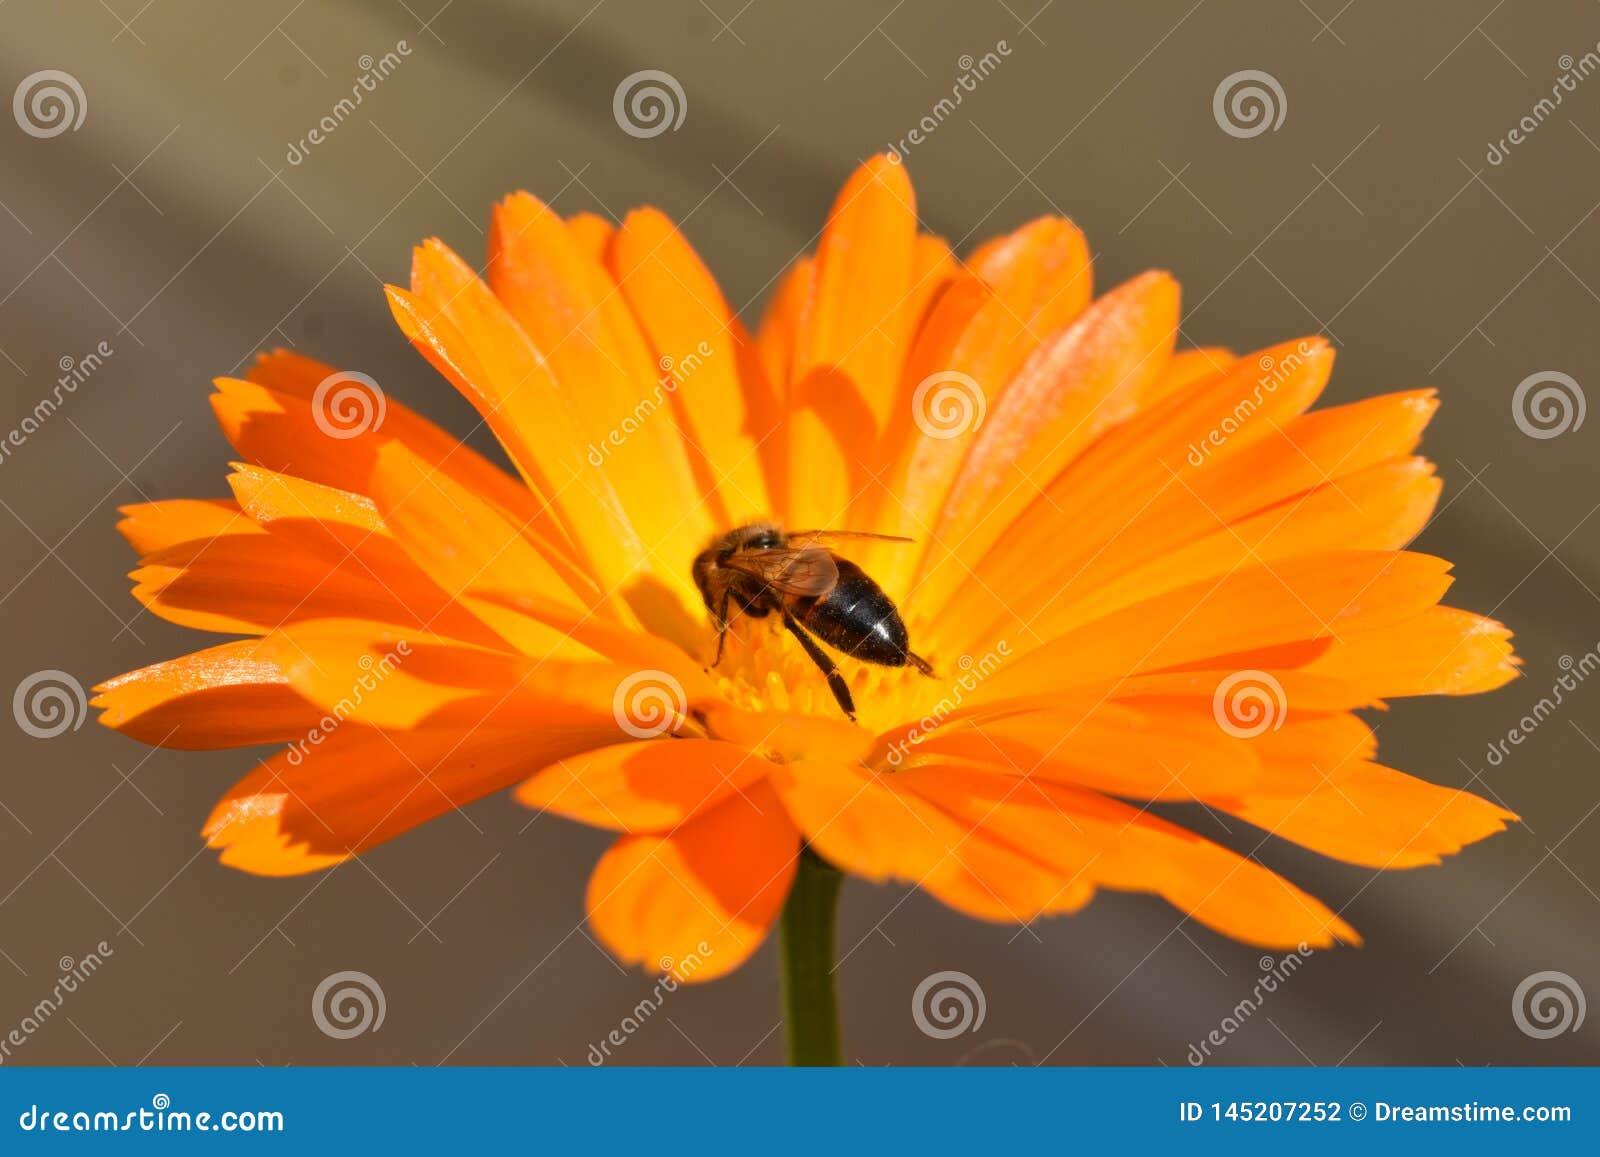 Ett litet bi på en orange blomma